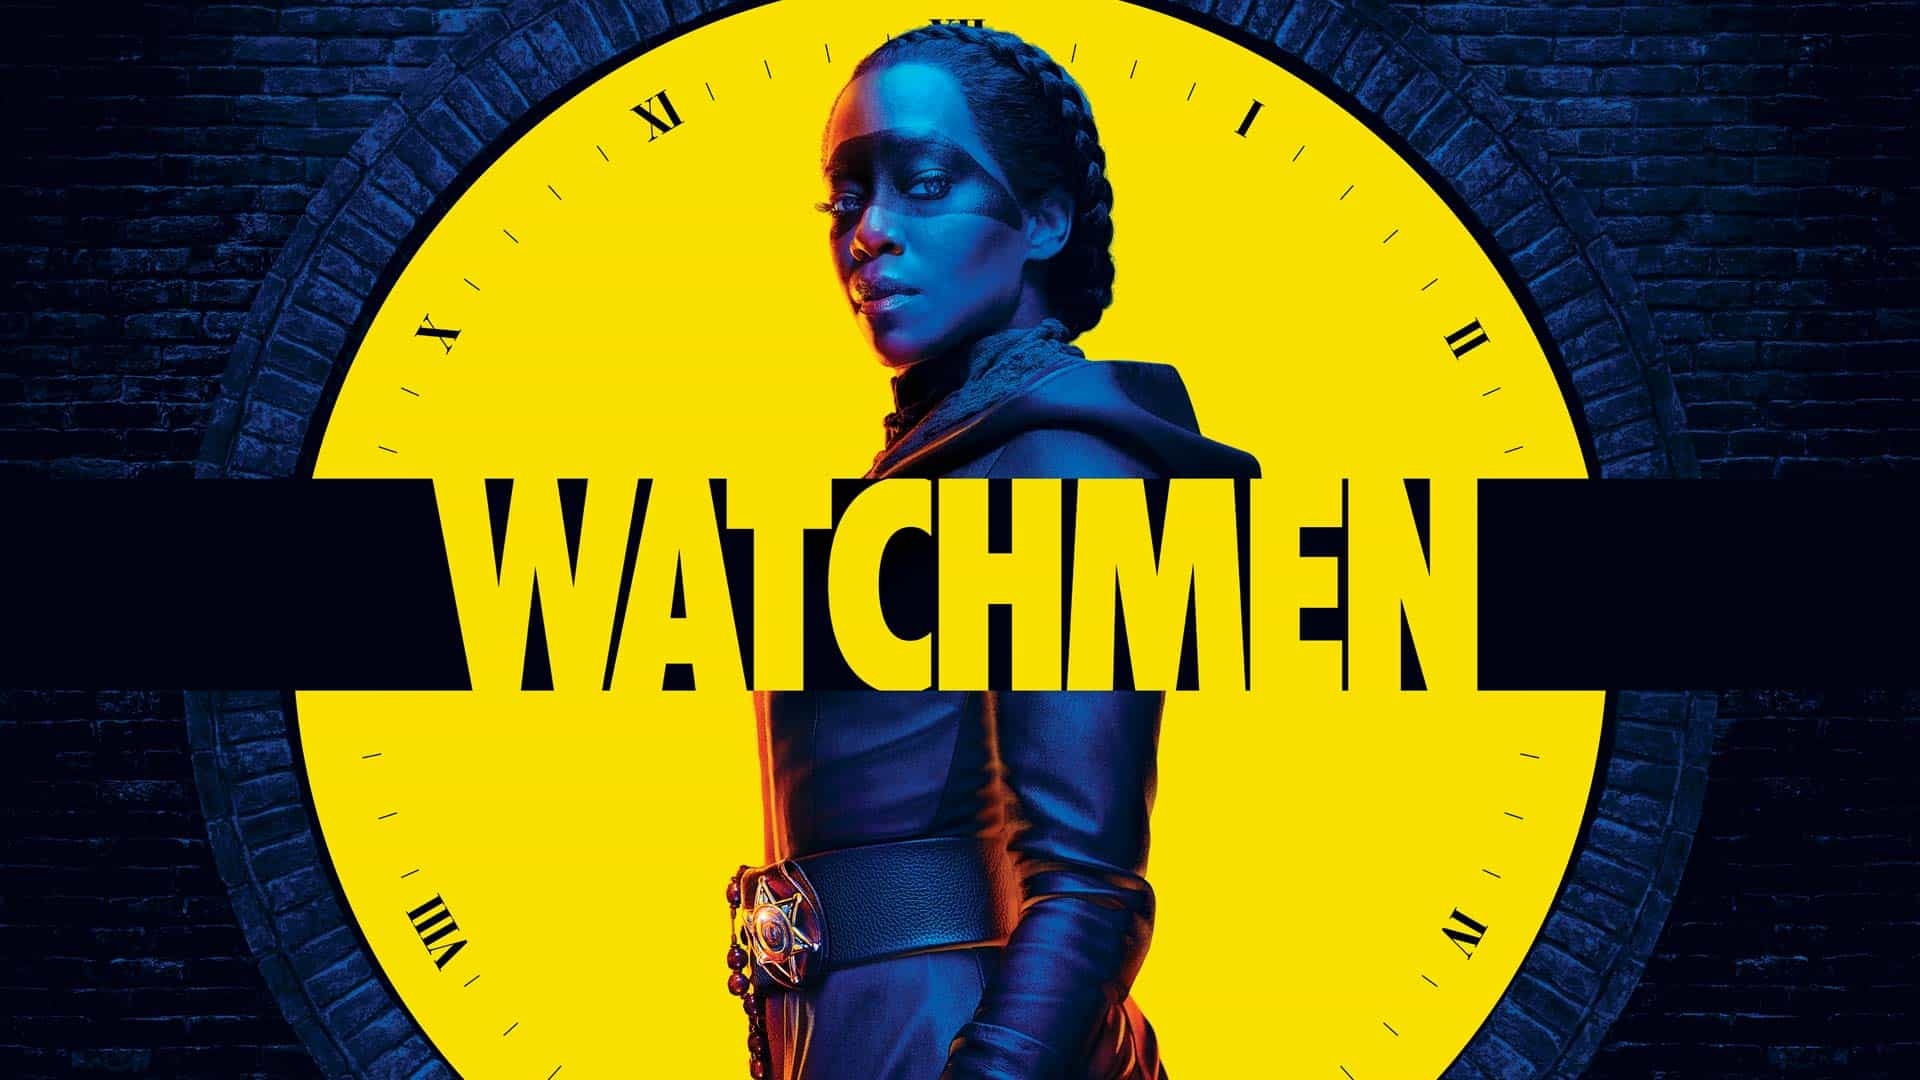 HBO-Watchmen-Season-1-Ending